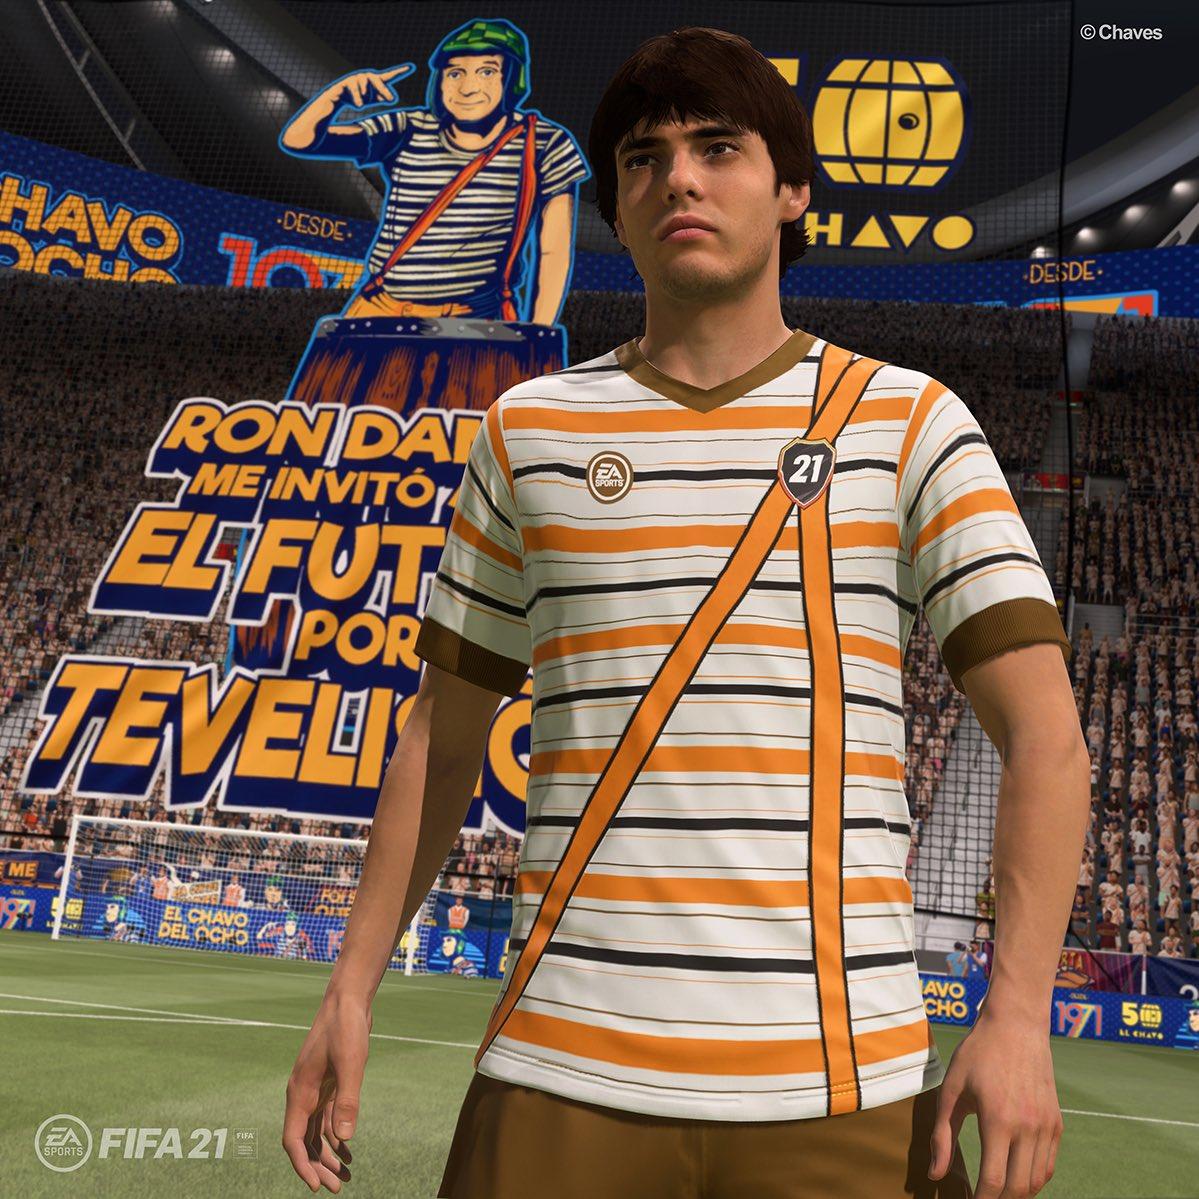 Lá vem o Chaves, Chaves, Chaves!! O que acontece quando você mistura o que há de melhor na nova geração, com o que havia de melhor na antiga? Com certeza, é o pacote de uniforme do Chaves no FIFA 21.    @EASPORTSFIFA  @EAFIFABR  @ChavodelOcho_Of  #ad